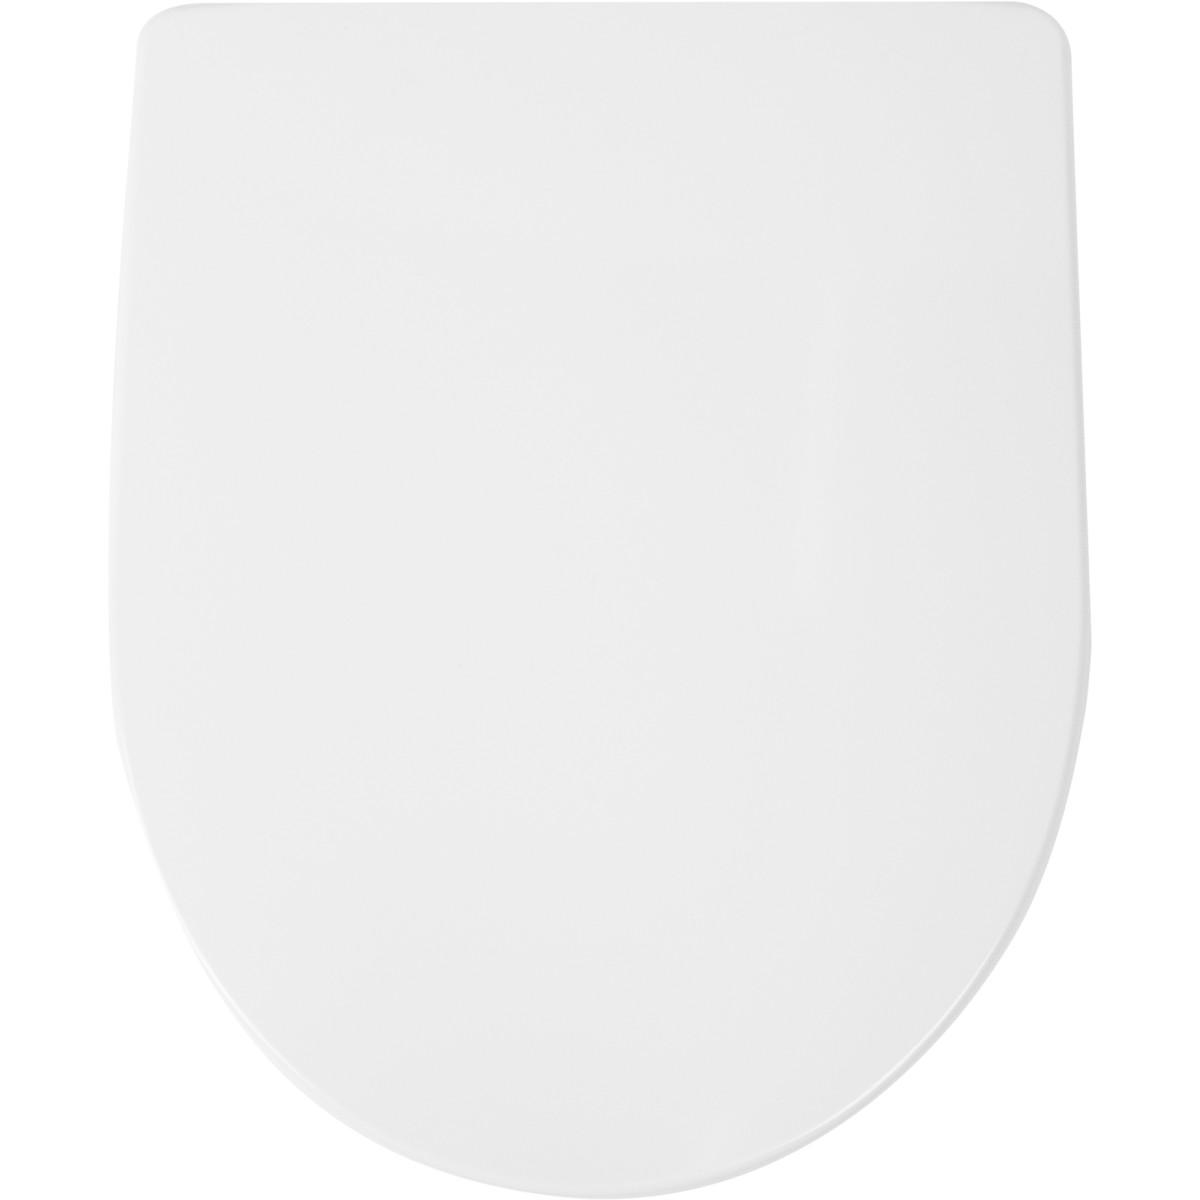 Сиденье для унитаза Geberit Icon дюропласт цвет белый